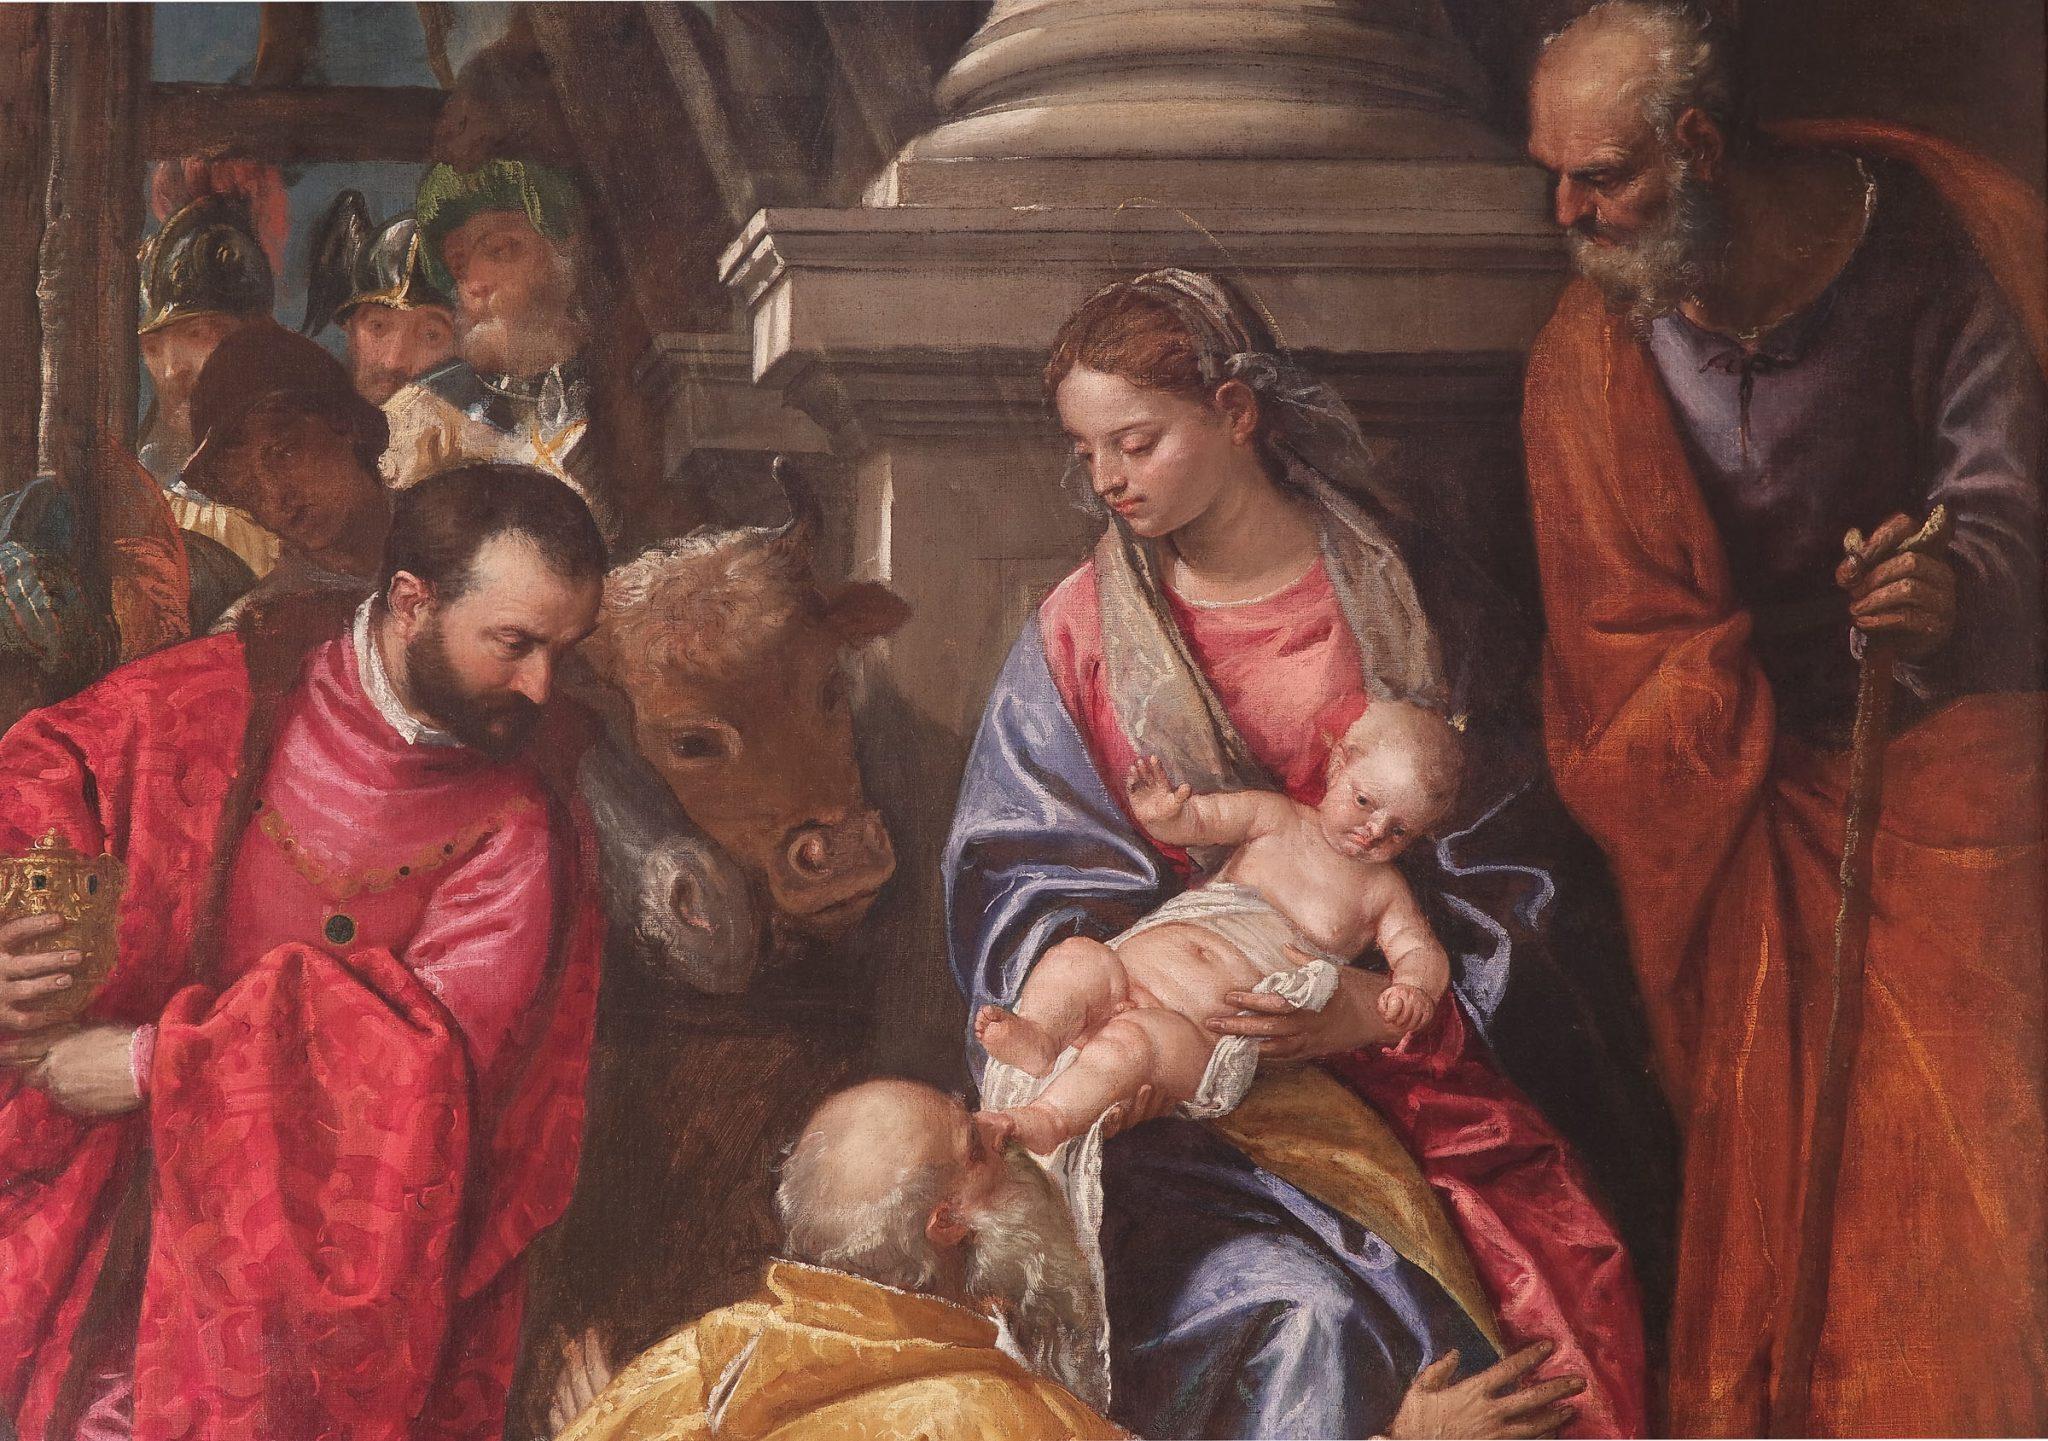 Un capolavoro per Milano. L'Adorazione di Paolo Veronese al Diocesano, monumentale e delicata